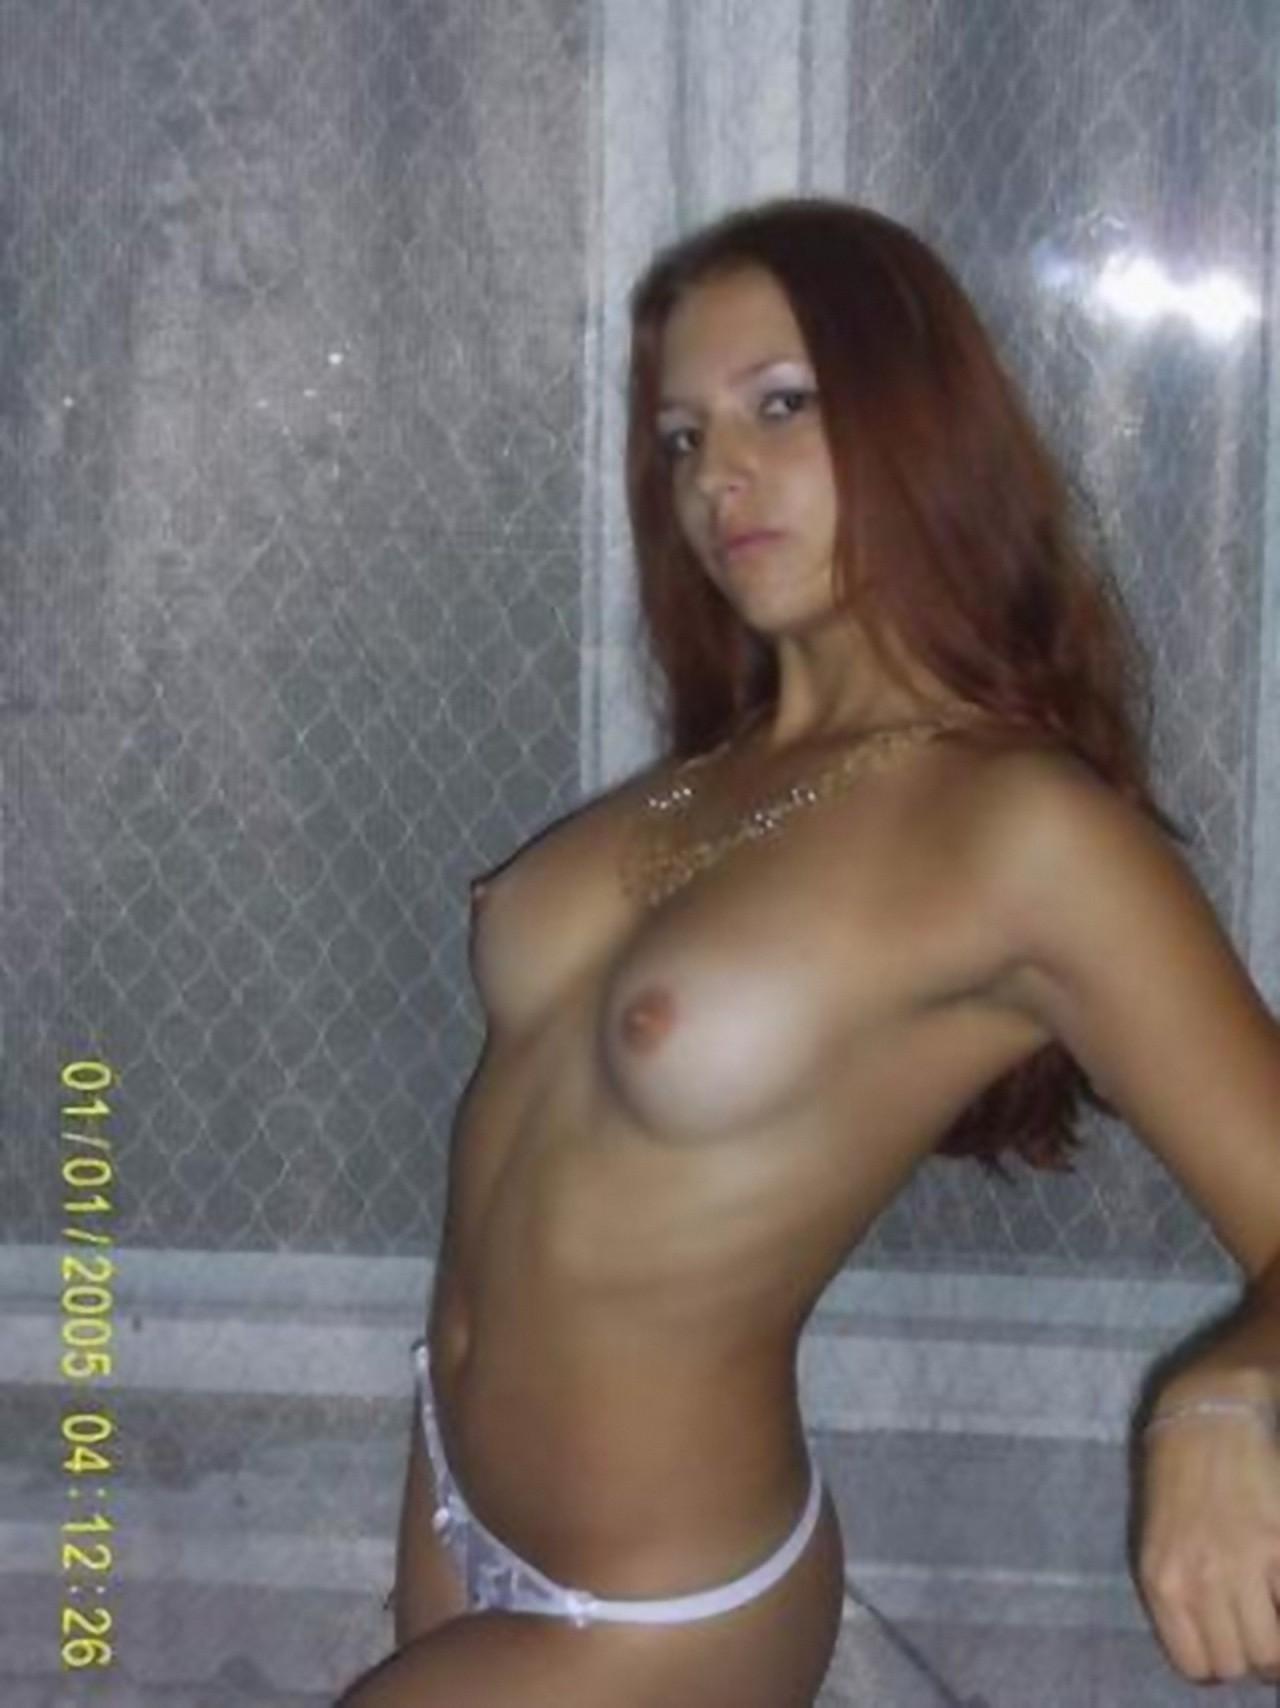 Фото присланное русскими девушками 2 фотография